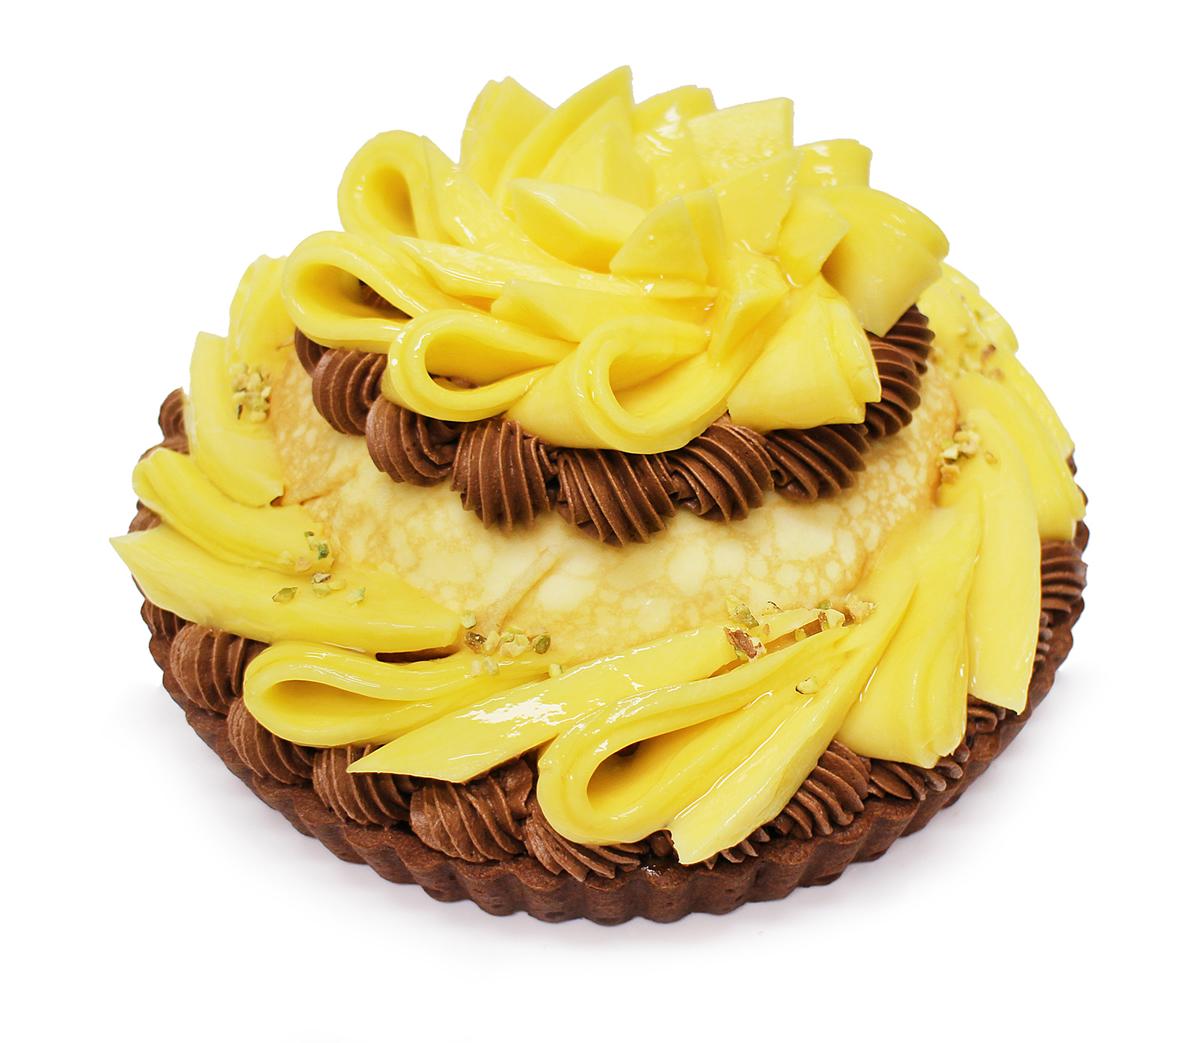 ○タイ産「ゴールデンマンゴー」のショコラミルクレープ ベース:ビターチョコレート